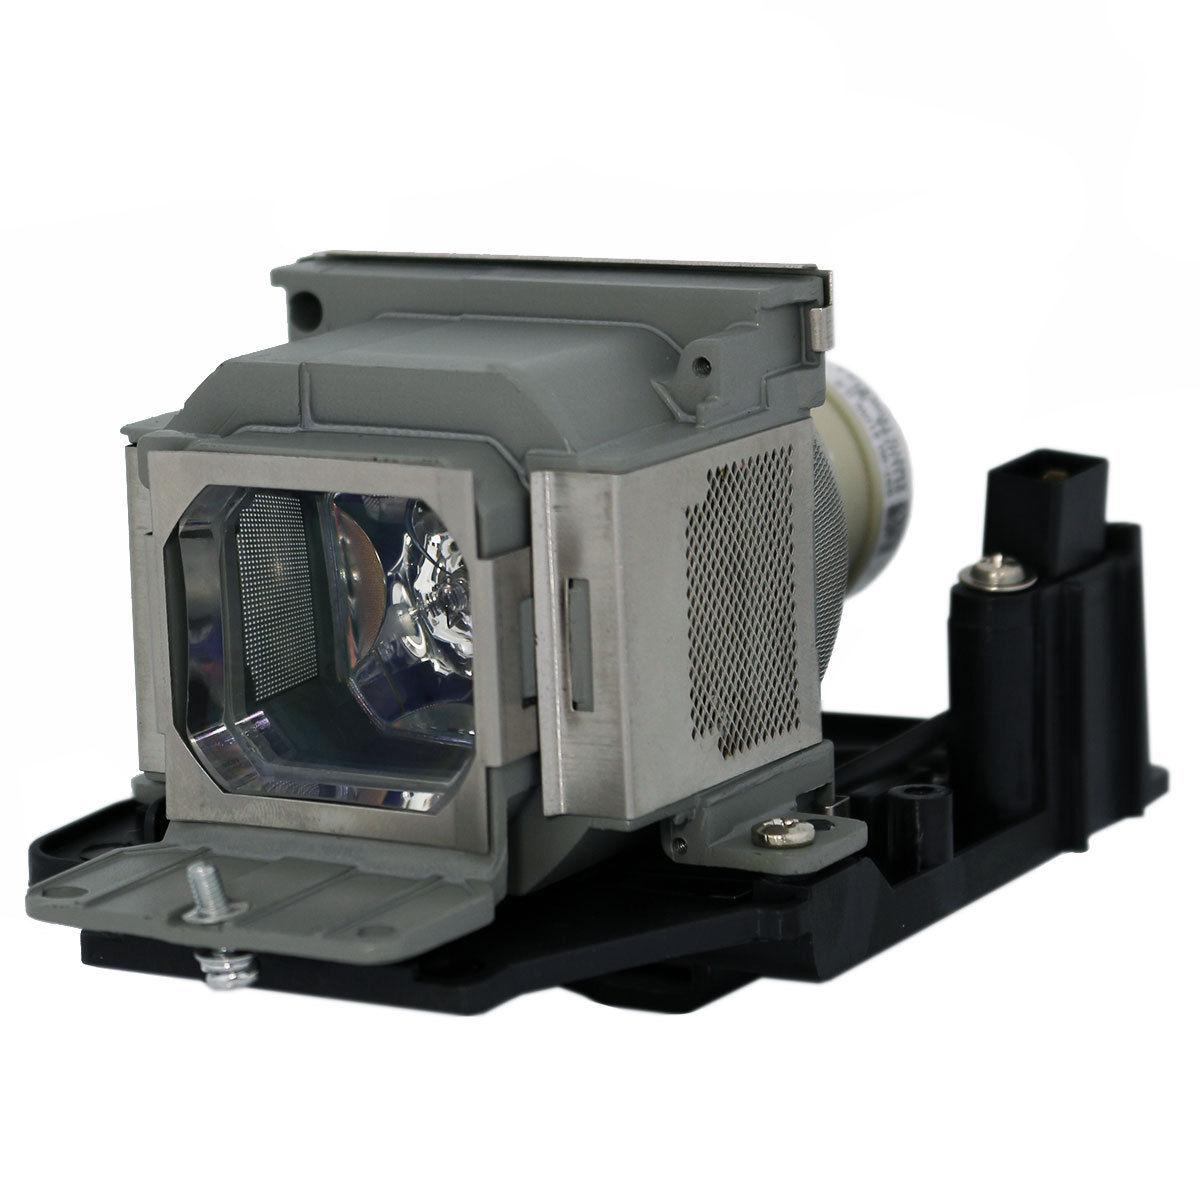 Projector Lamp Bulb LMP-E212 for Sony EW225 EW245 EW265 EX225 EX245 EX275 SW525 SW525C SW535 SW535C SX535 EW276 With Housing free shipping projector bulb compatible projector lamp with housing lmp e212 for vpl sx535 vpl sw535